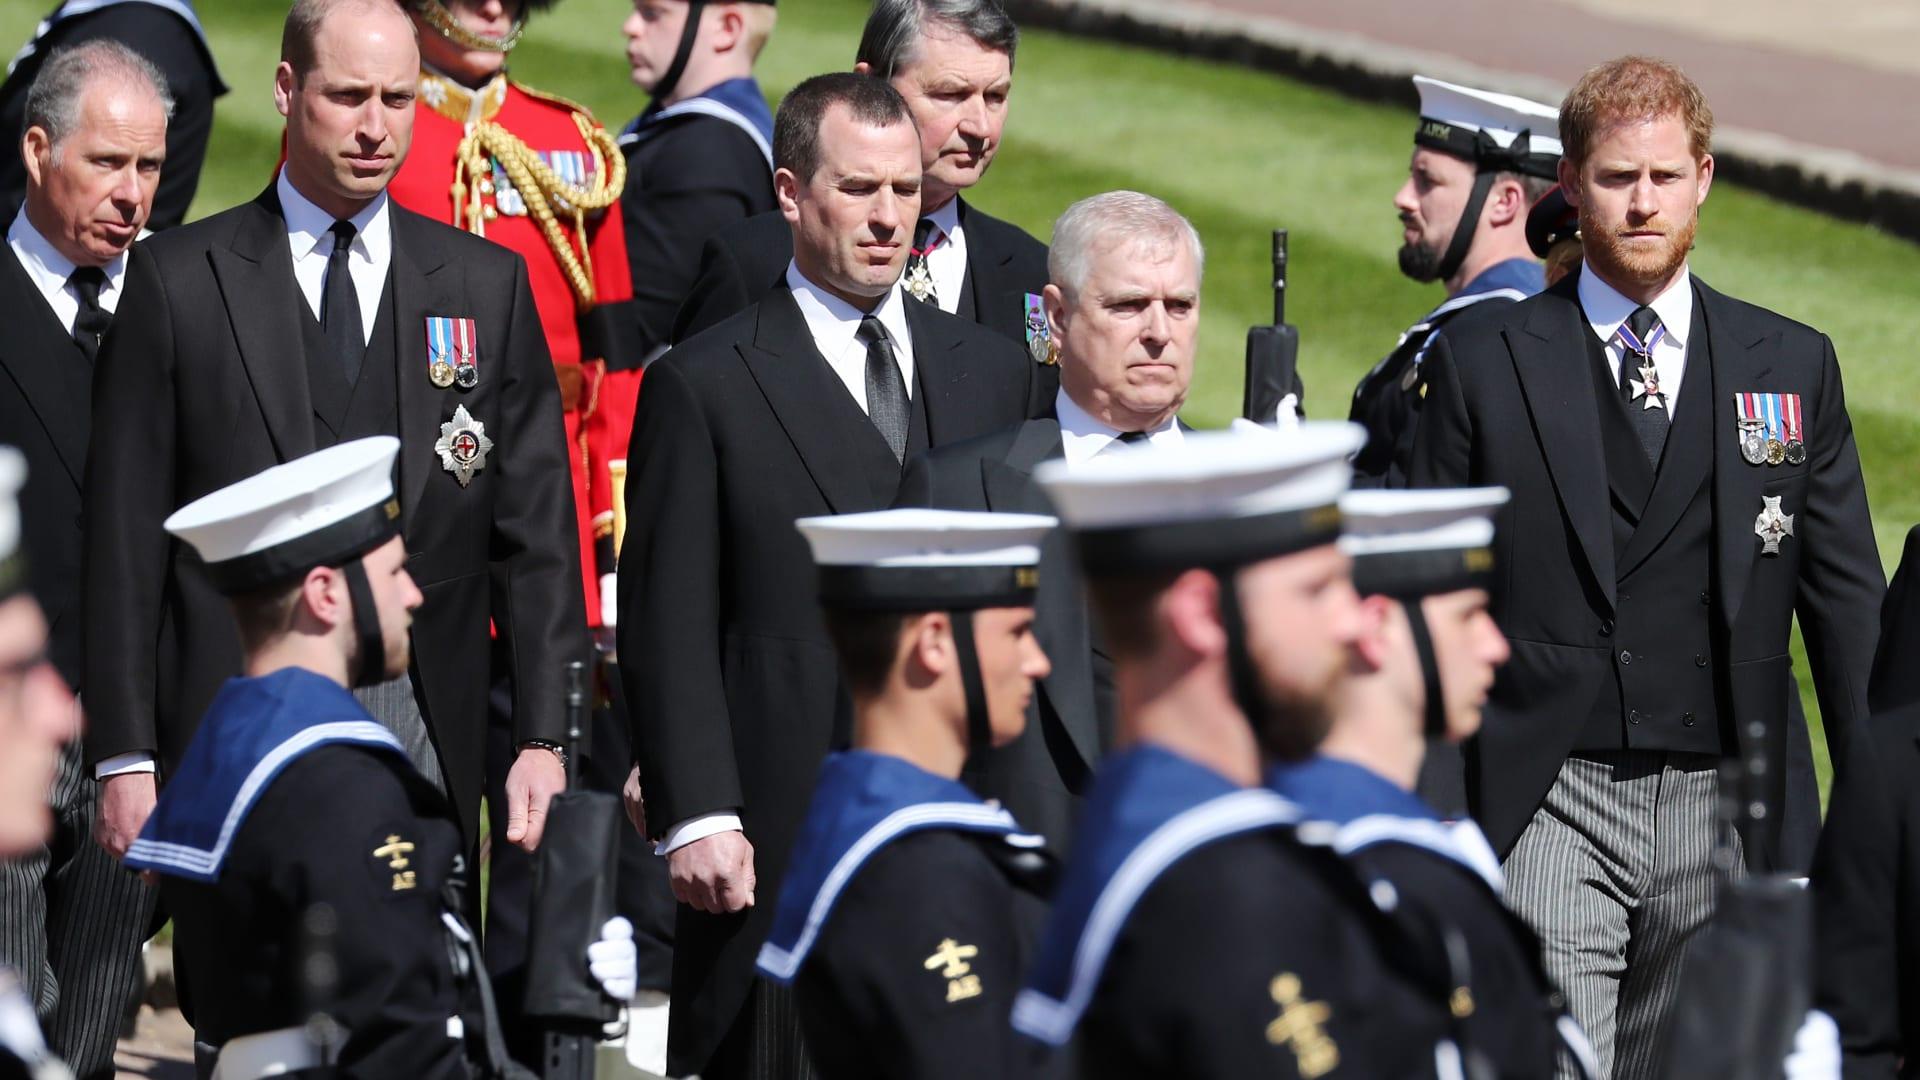 الأمير ويليام وشقيقه الأمير هاري يسيران معًا بعد نهاية مراسم جنازة الأمير فيليب